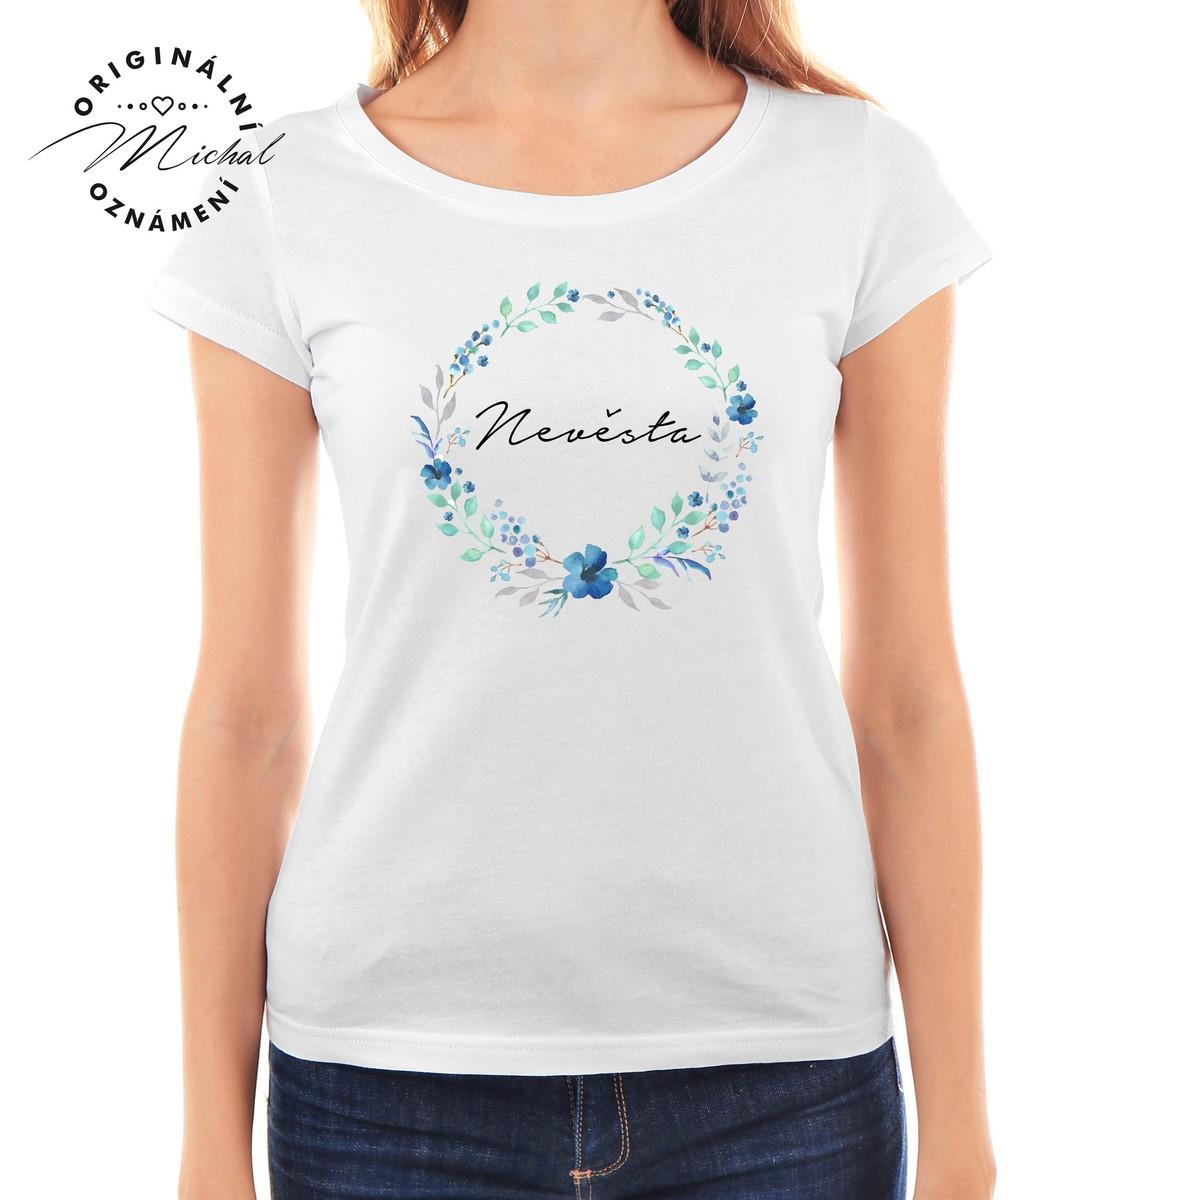 Svatební tričko s potiskem - D13 - Obrázek č. 1